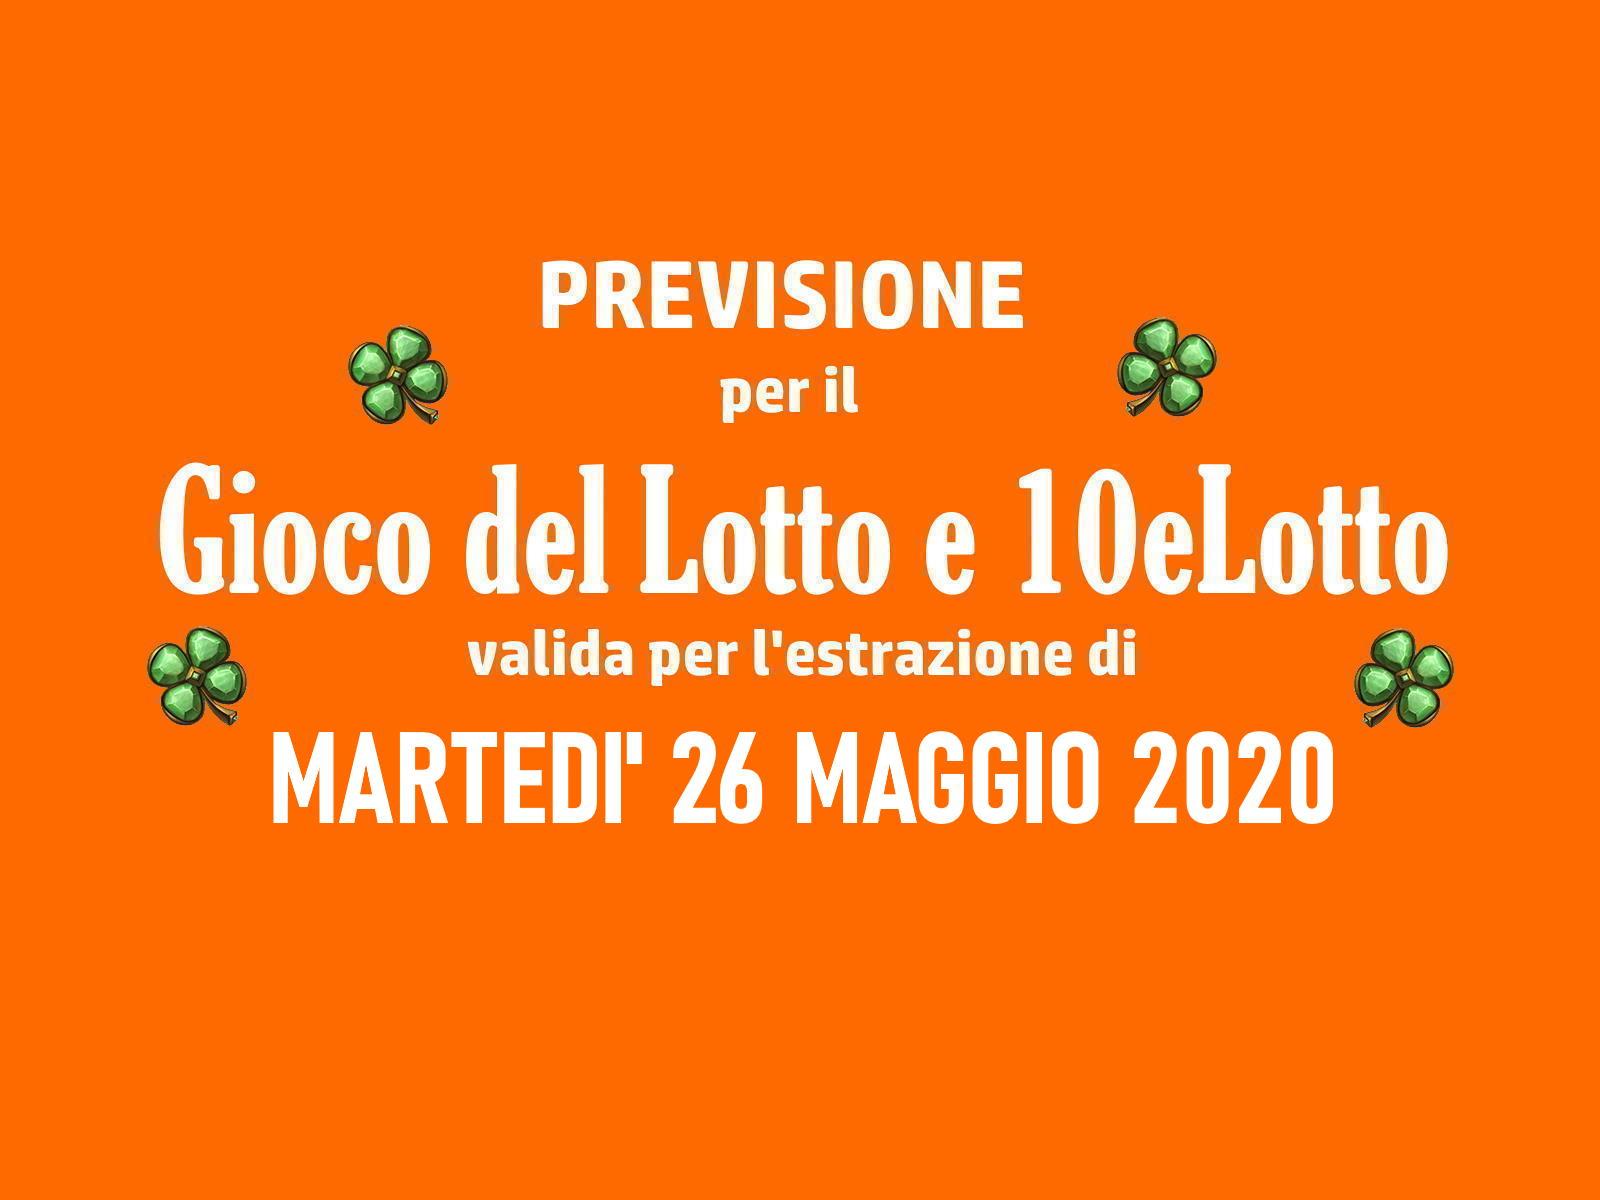 Previsione Lotto 26 Maggio 2020